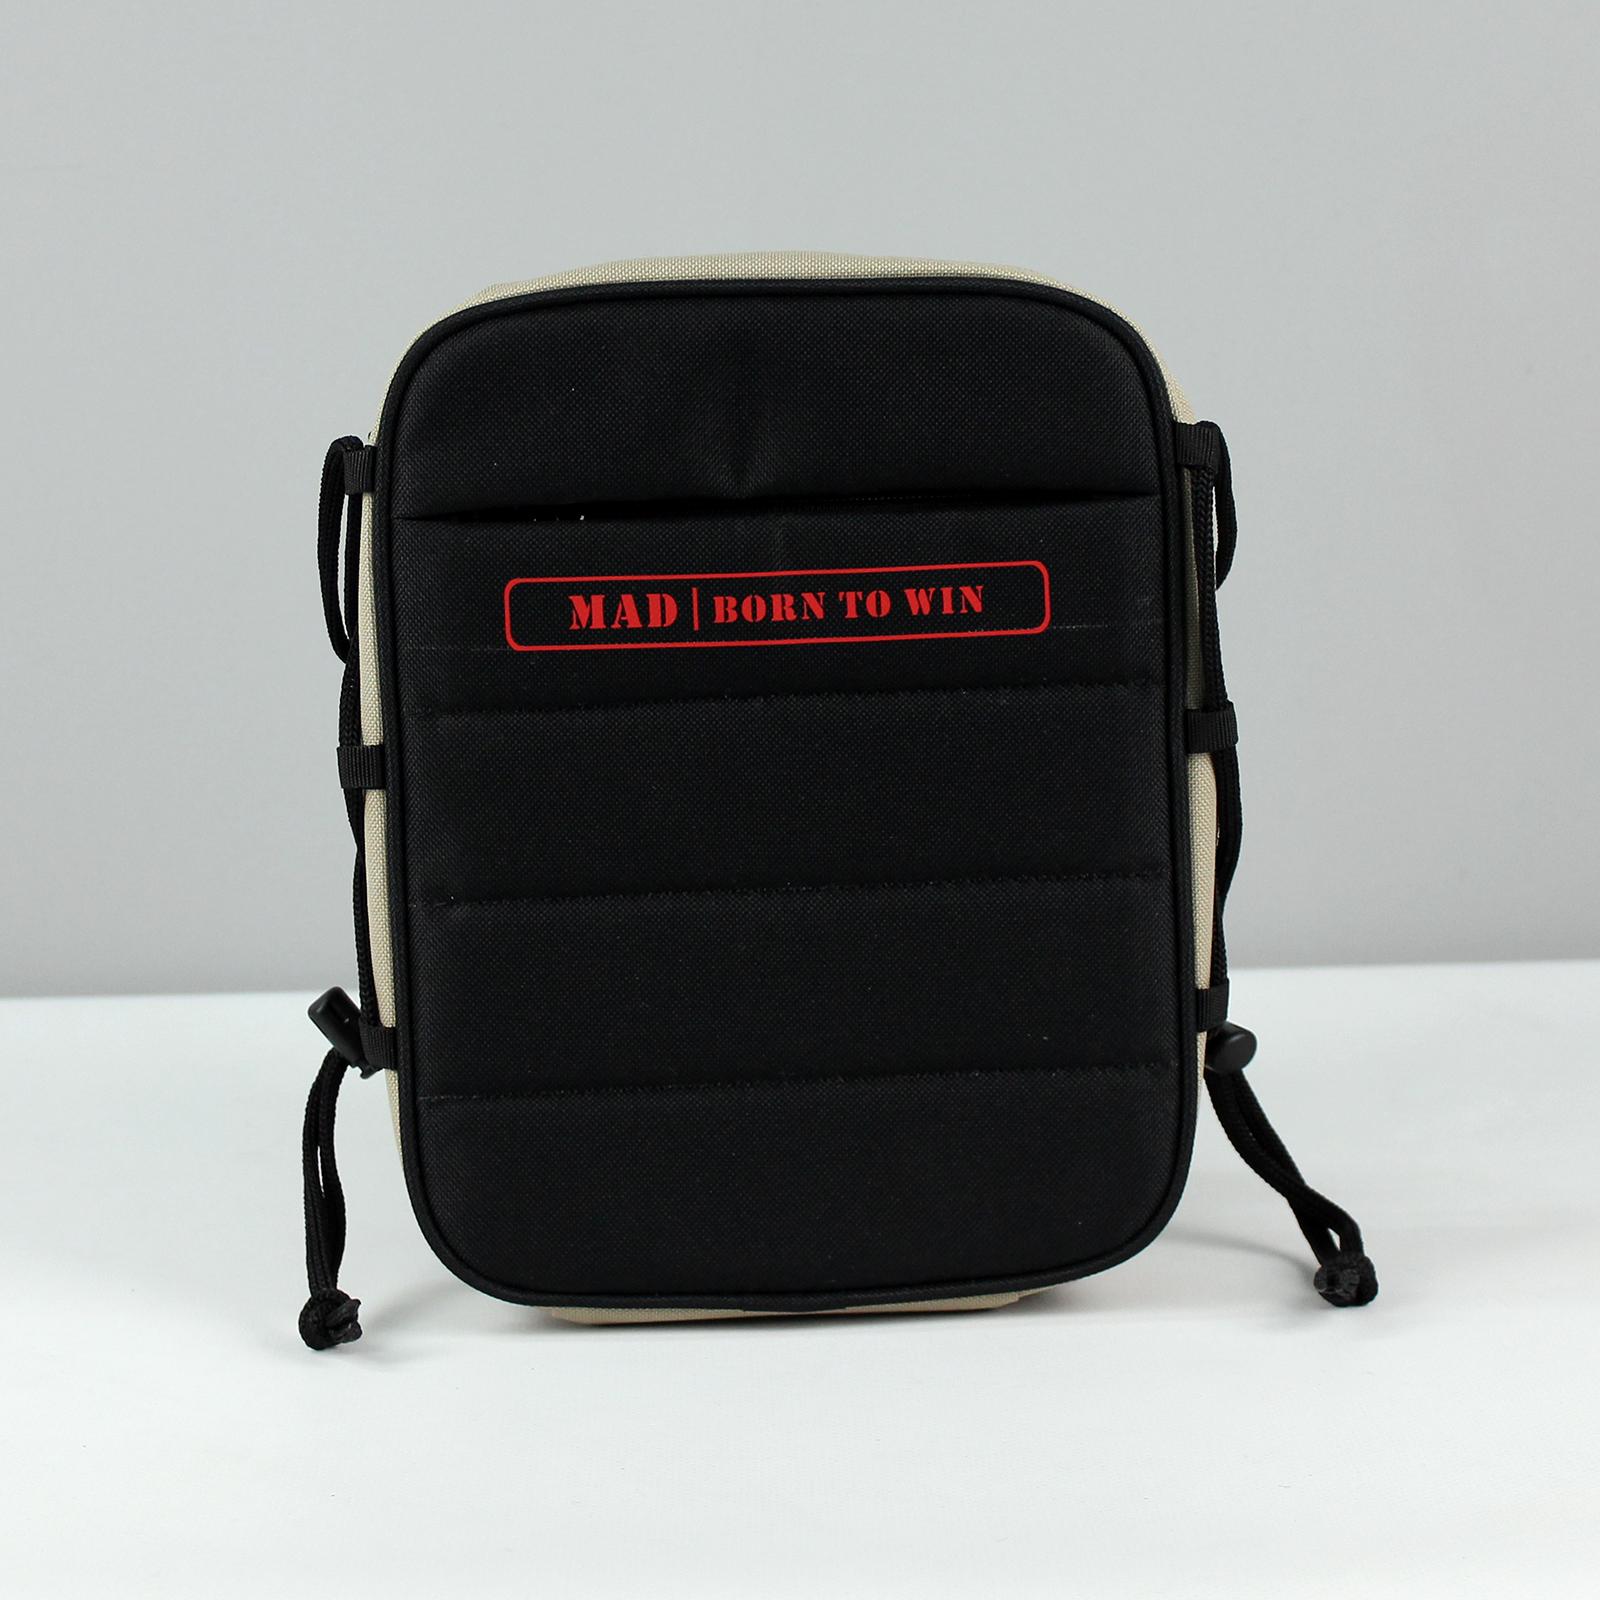 спортивная сумка мессенджер,сумка мессенджер спортивная,сумочка на плечо спортивная,сумка на плечо купить,сумка на плечо цена